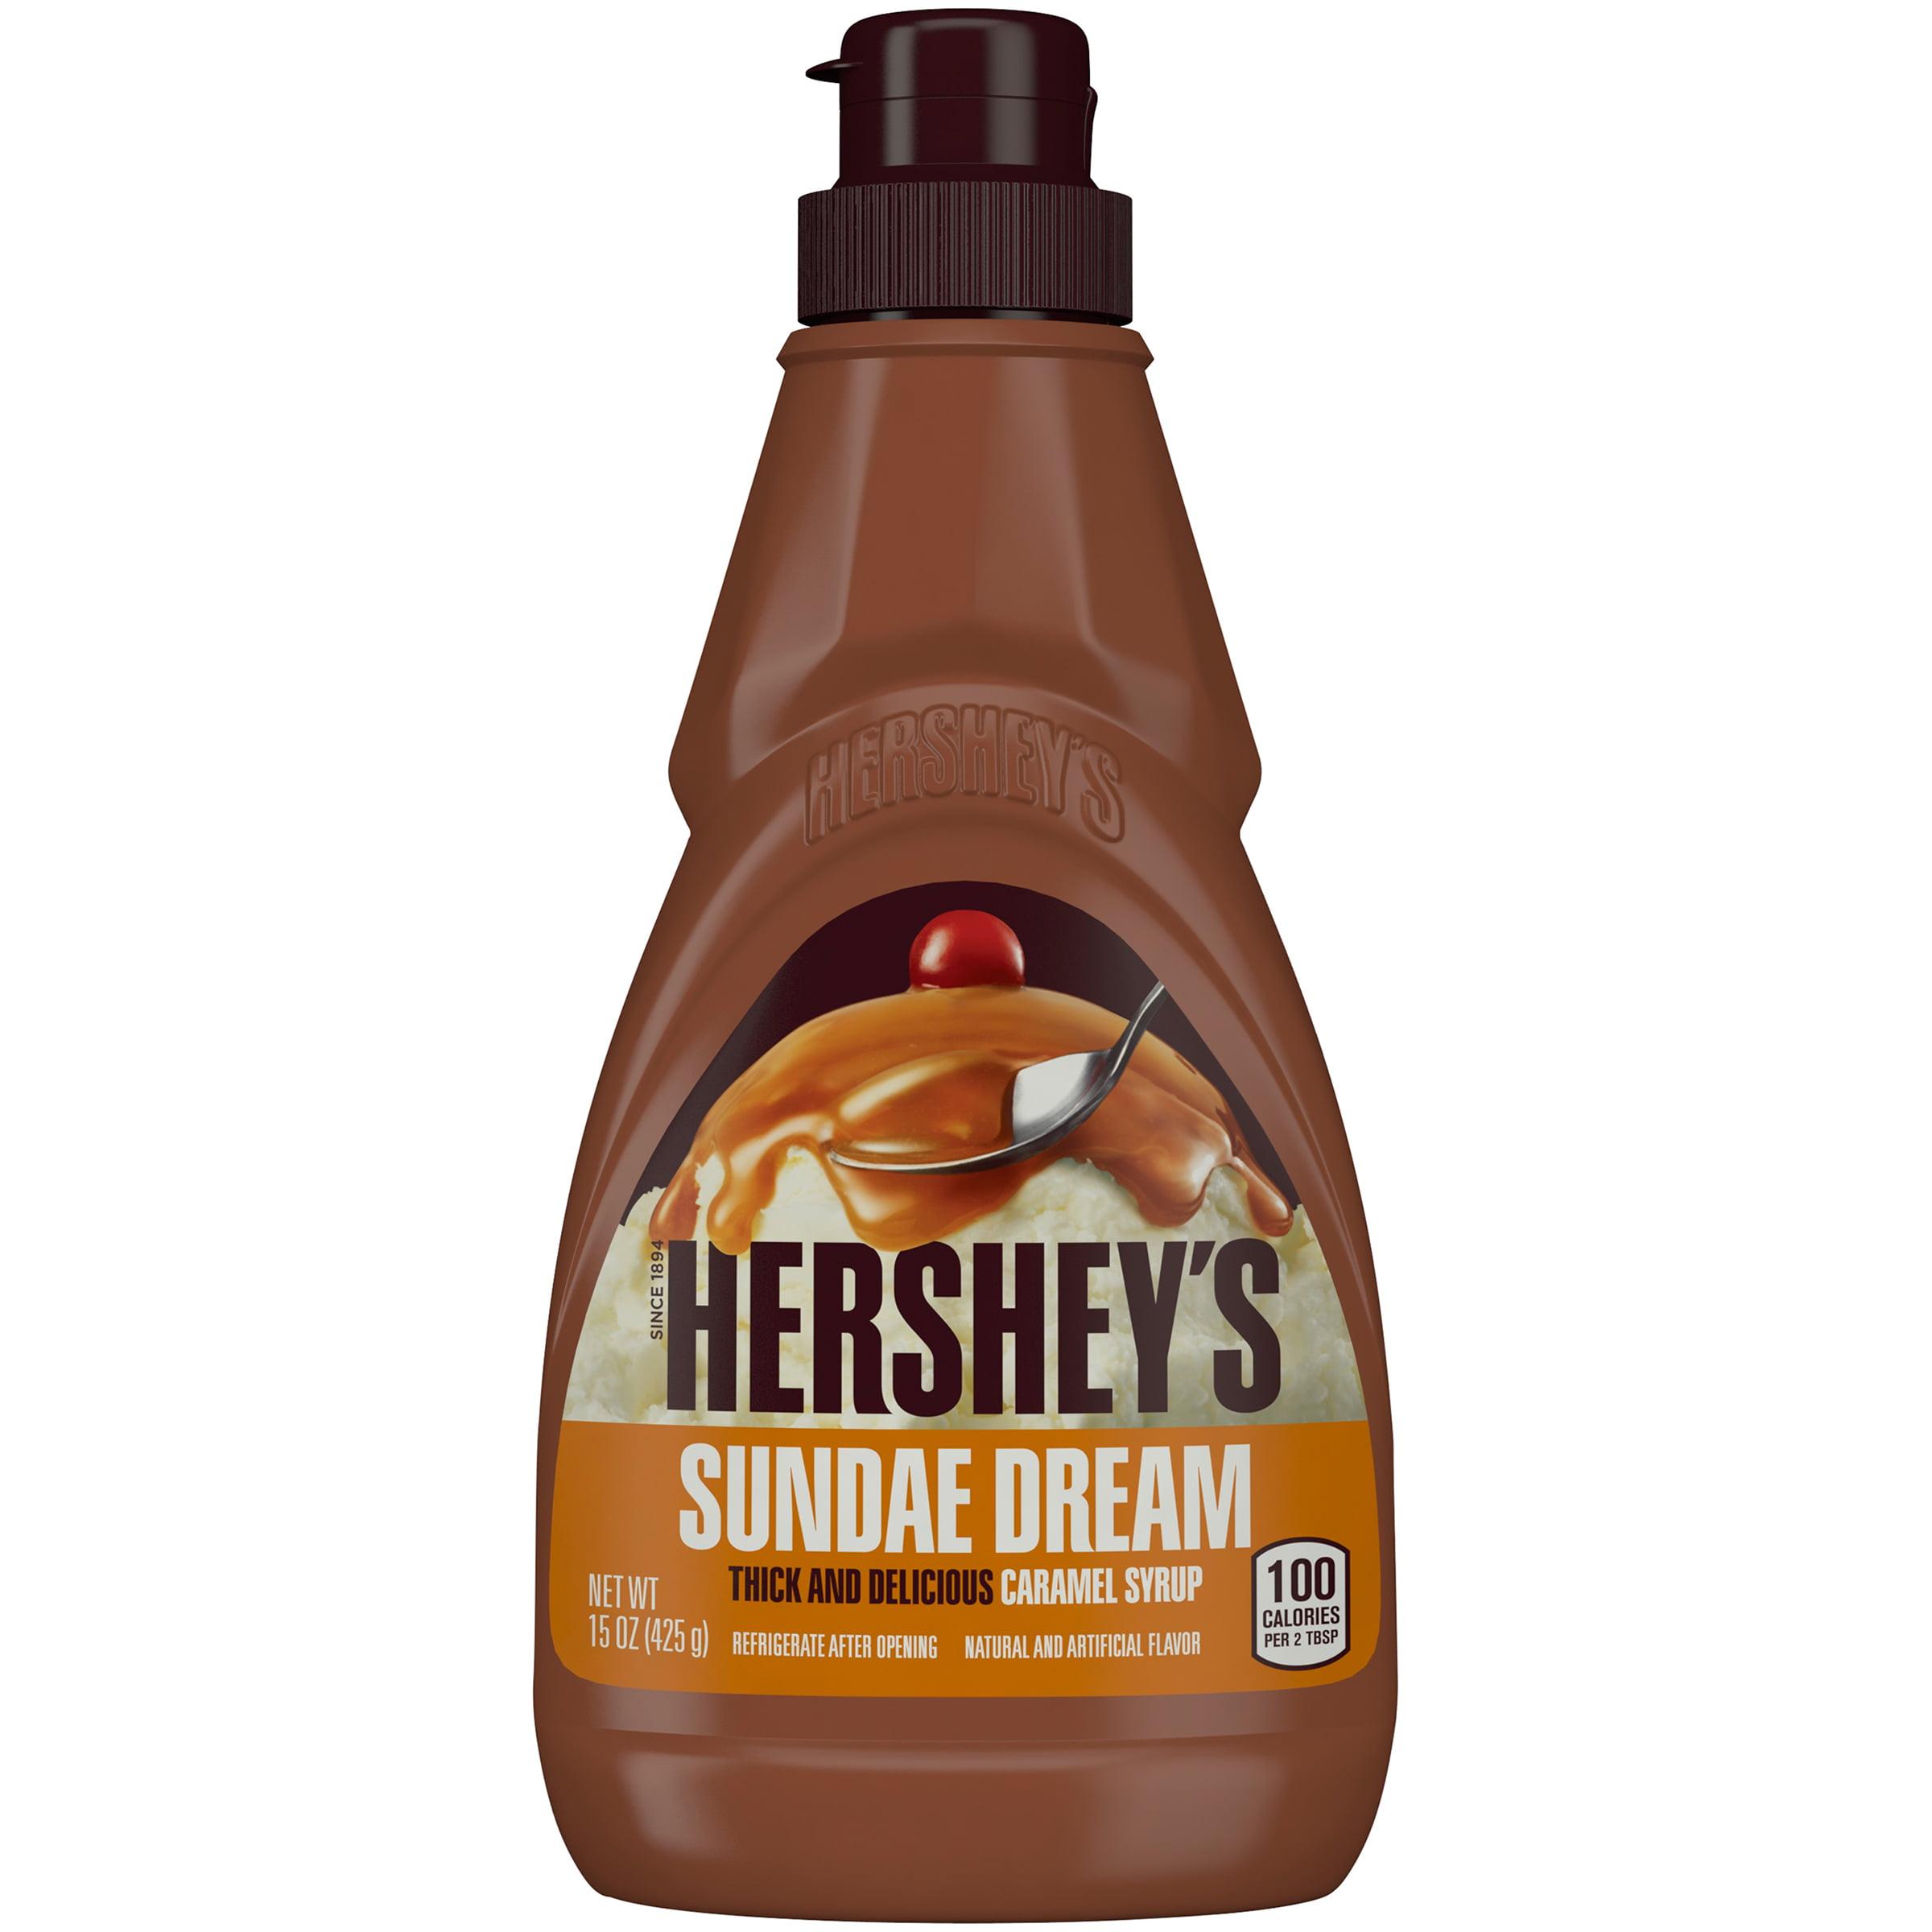 HERSHEY'S SUNDAE DREAM Caramel Syrup, 15 oz